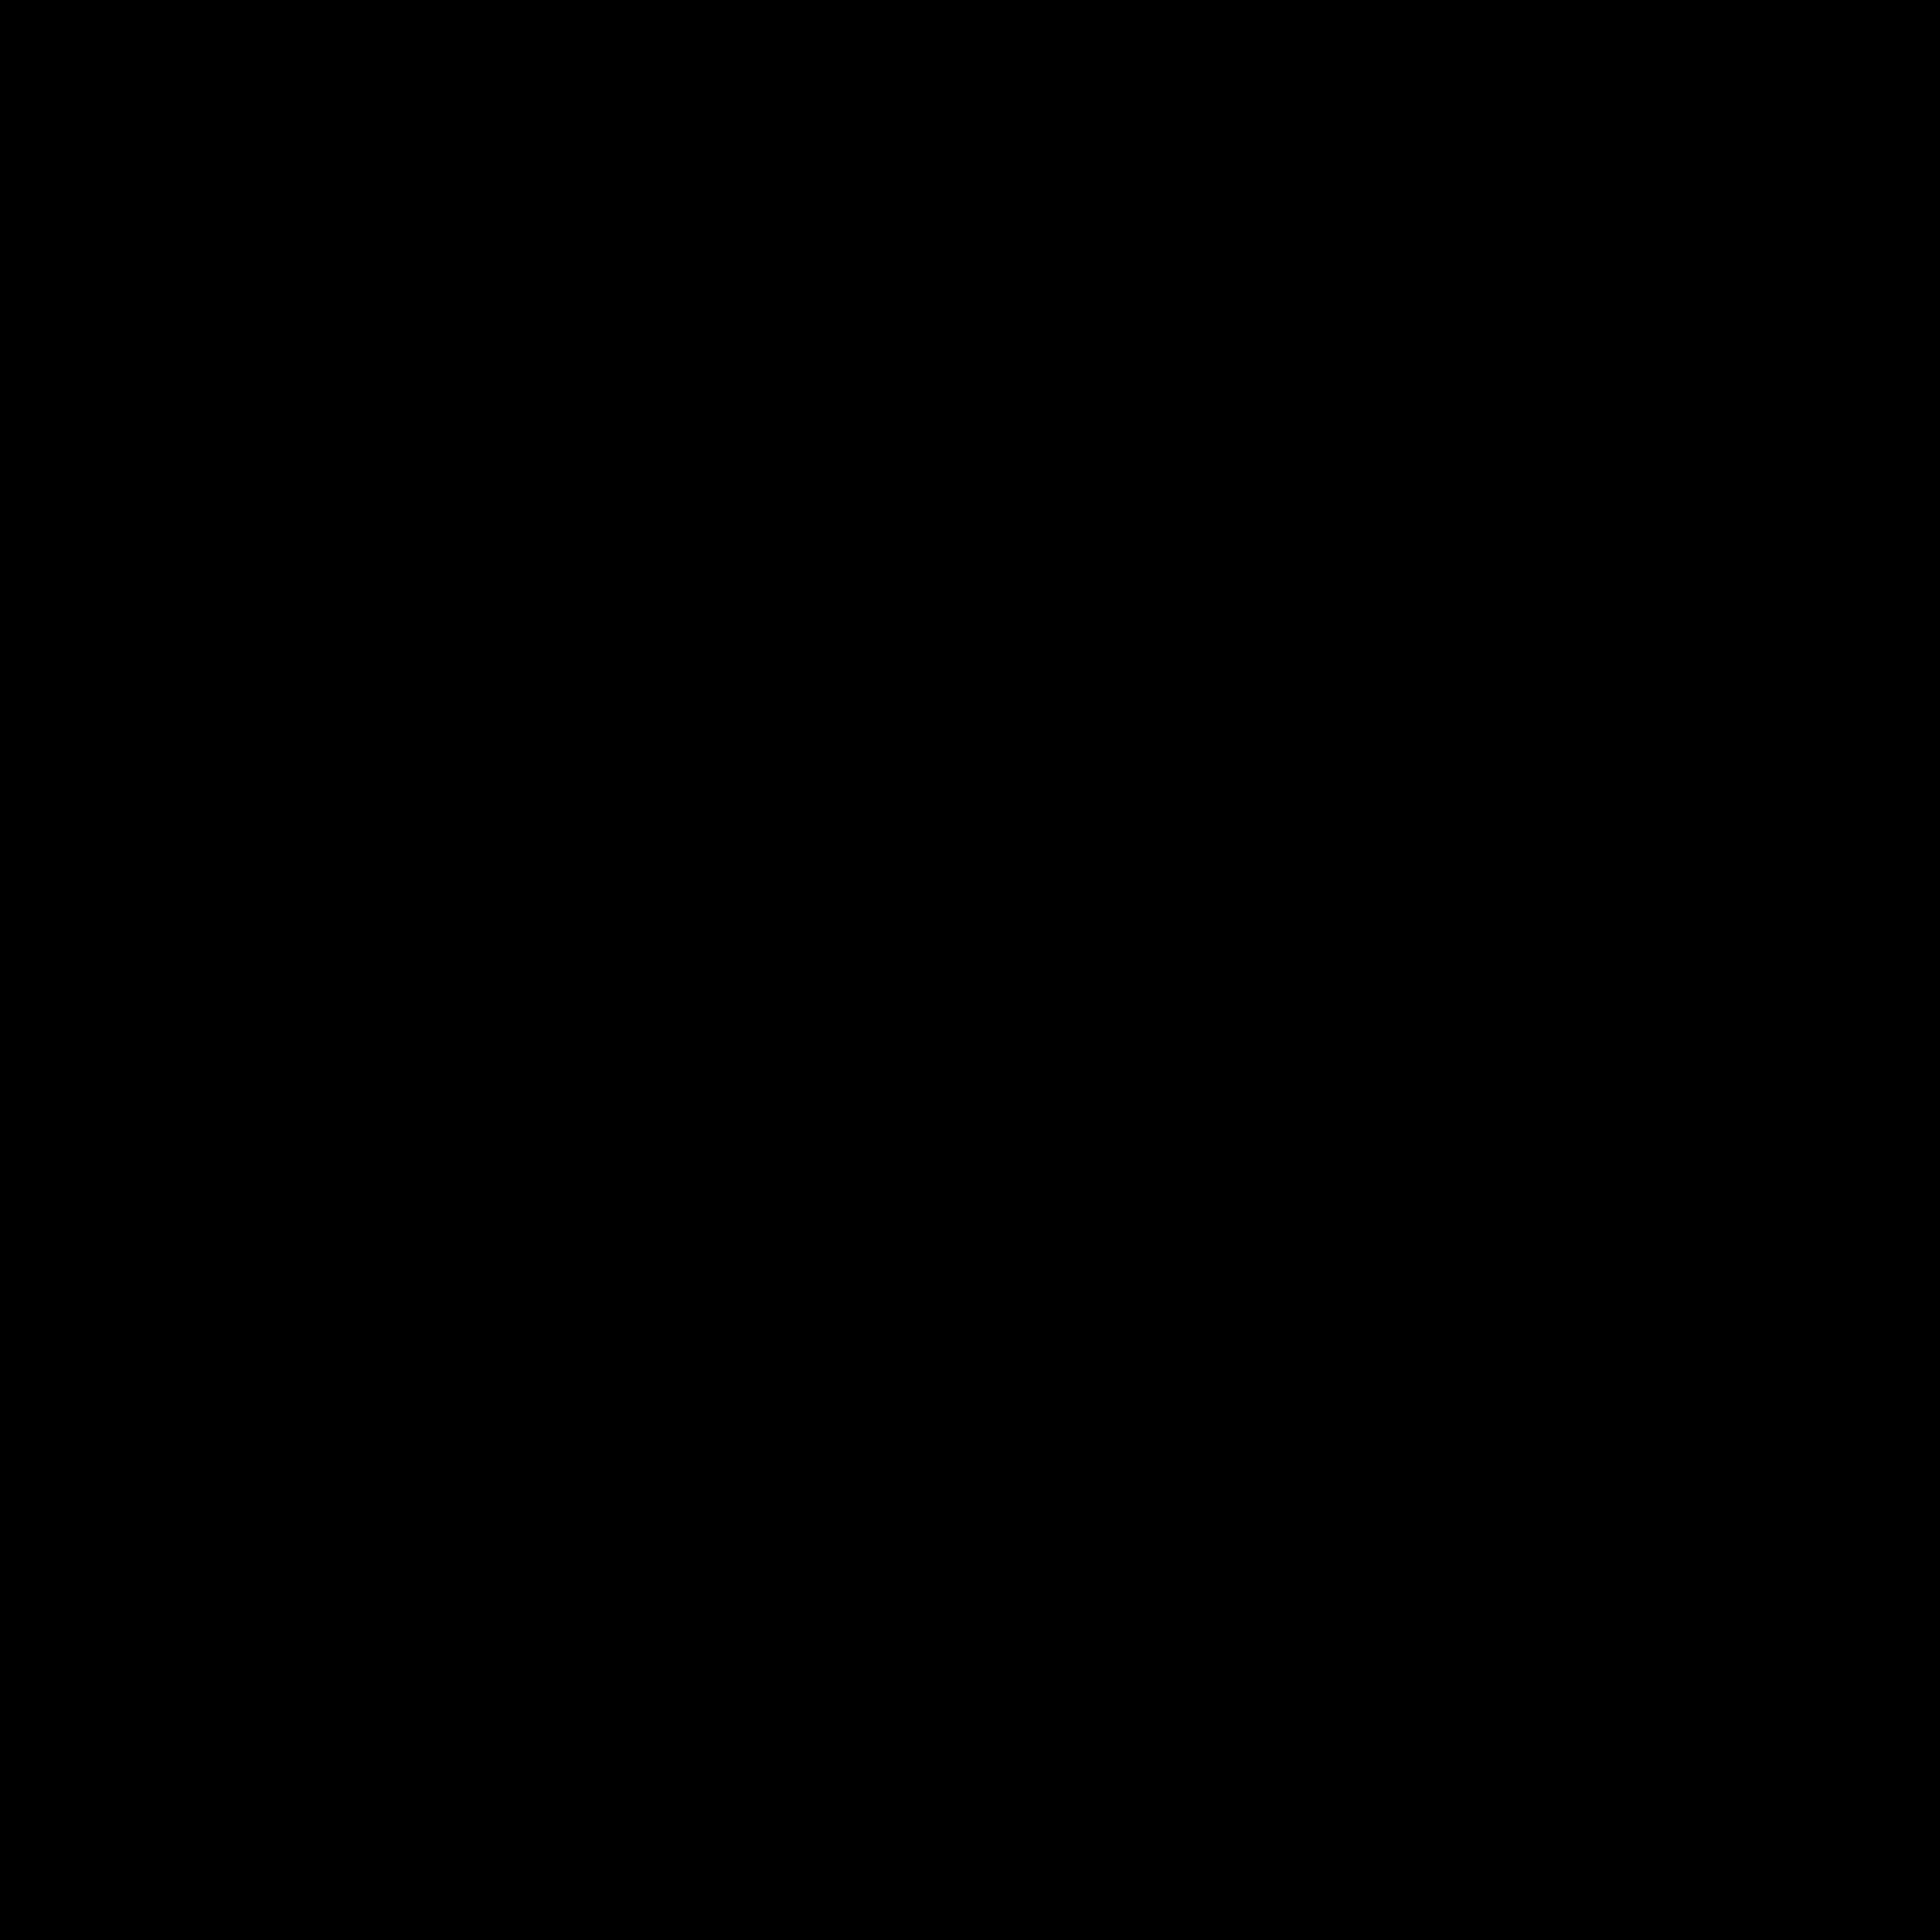 Nord Emporium